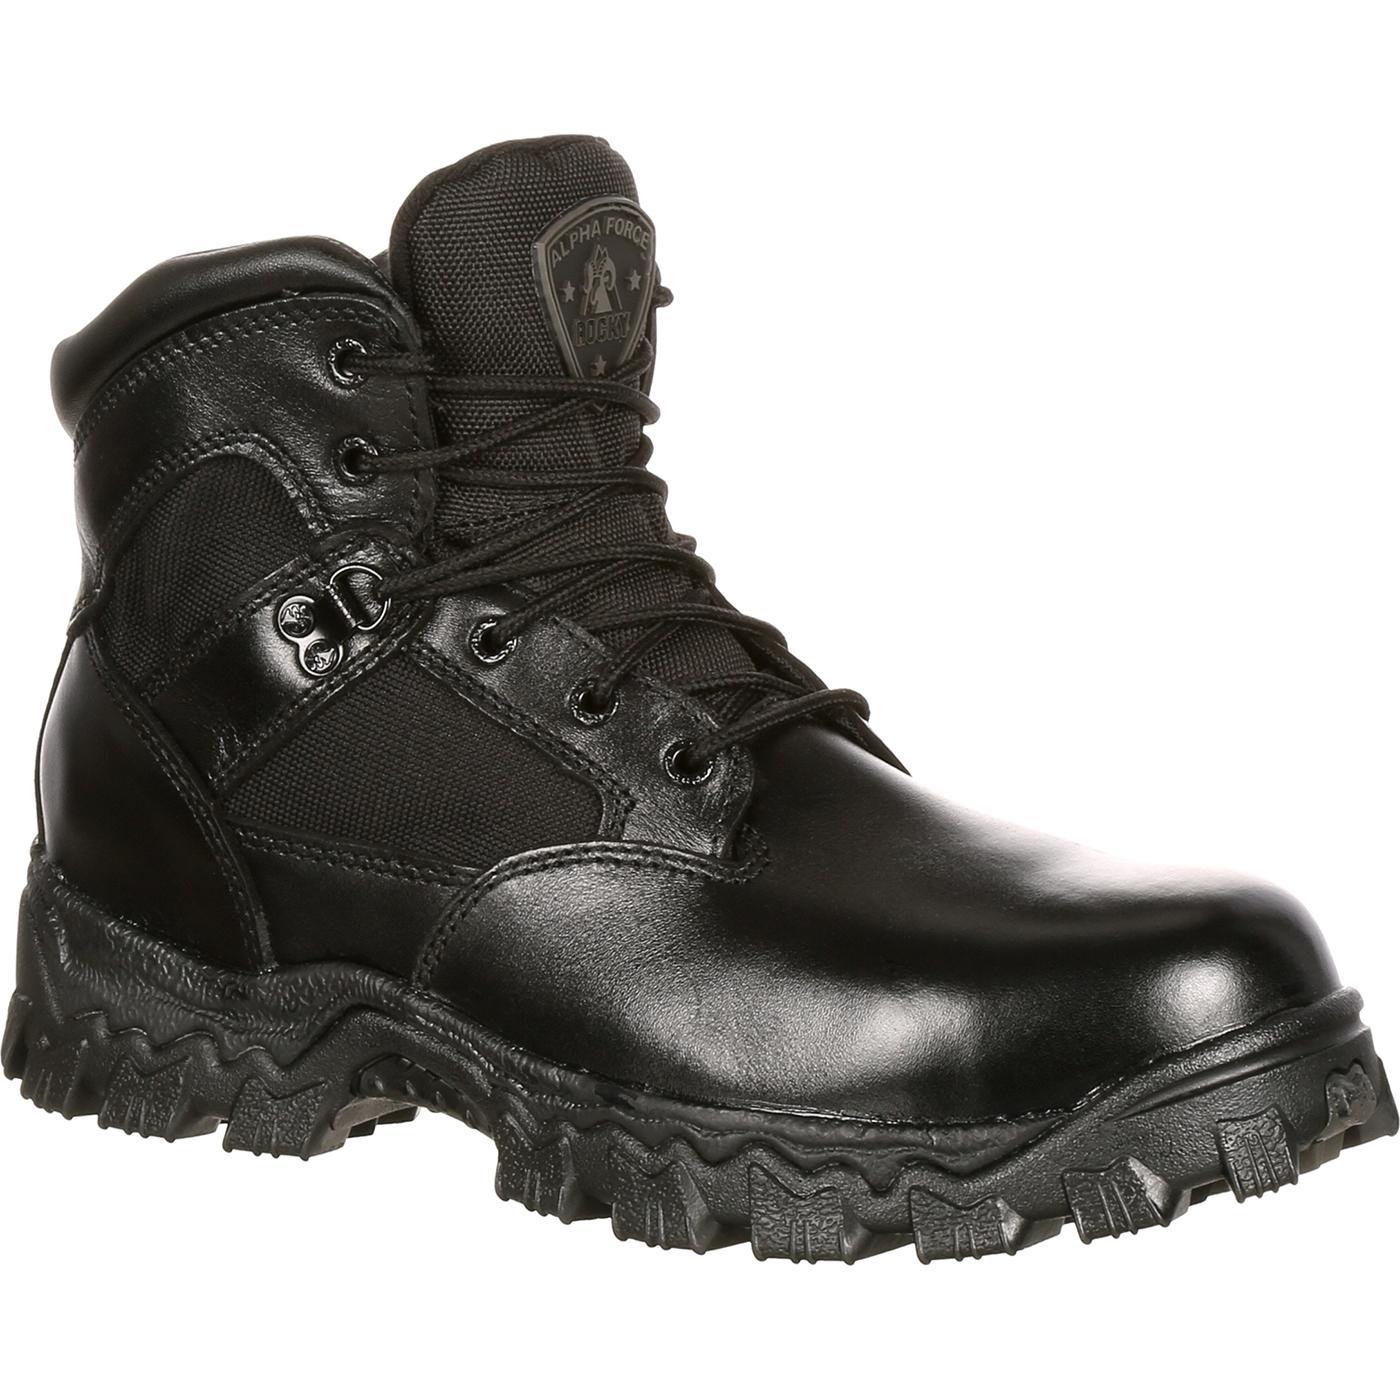 0b47e12655e Rocky Alpha Force Women's Waterproof Public Service Boot